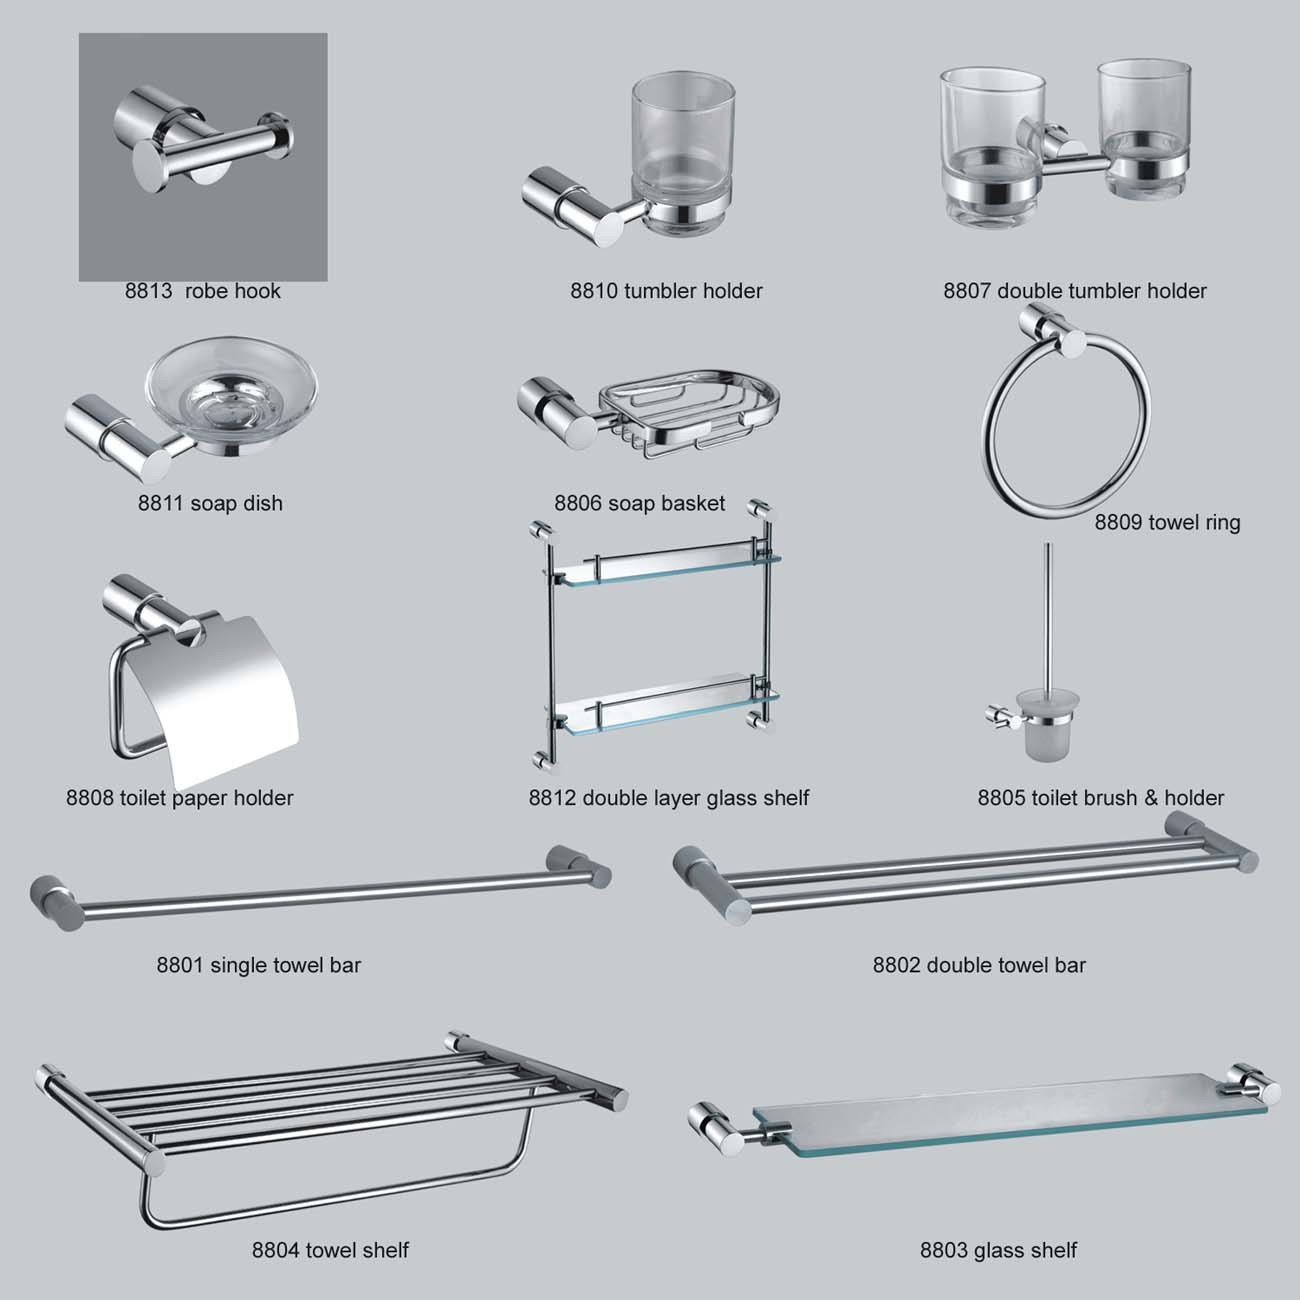 Toilet accessoires design 193142 ontwerp for Design accessoires